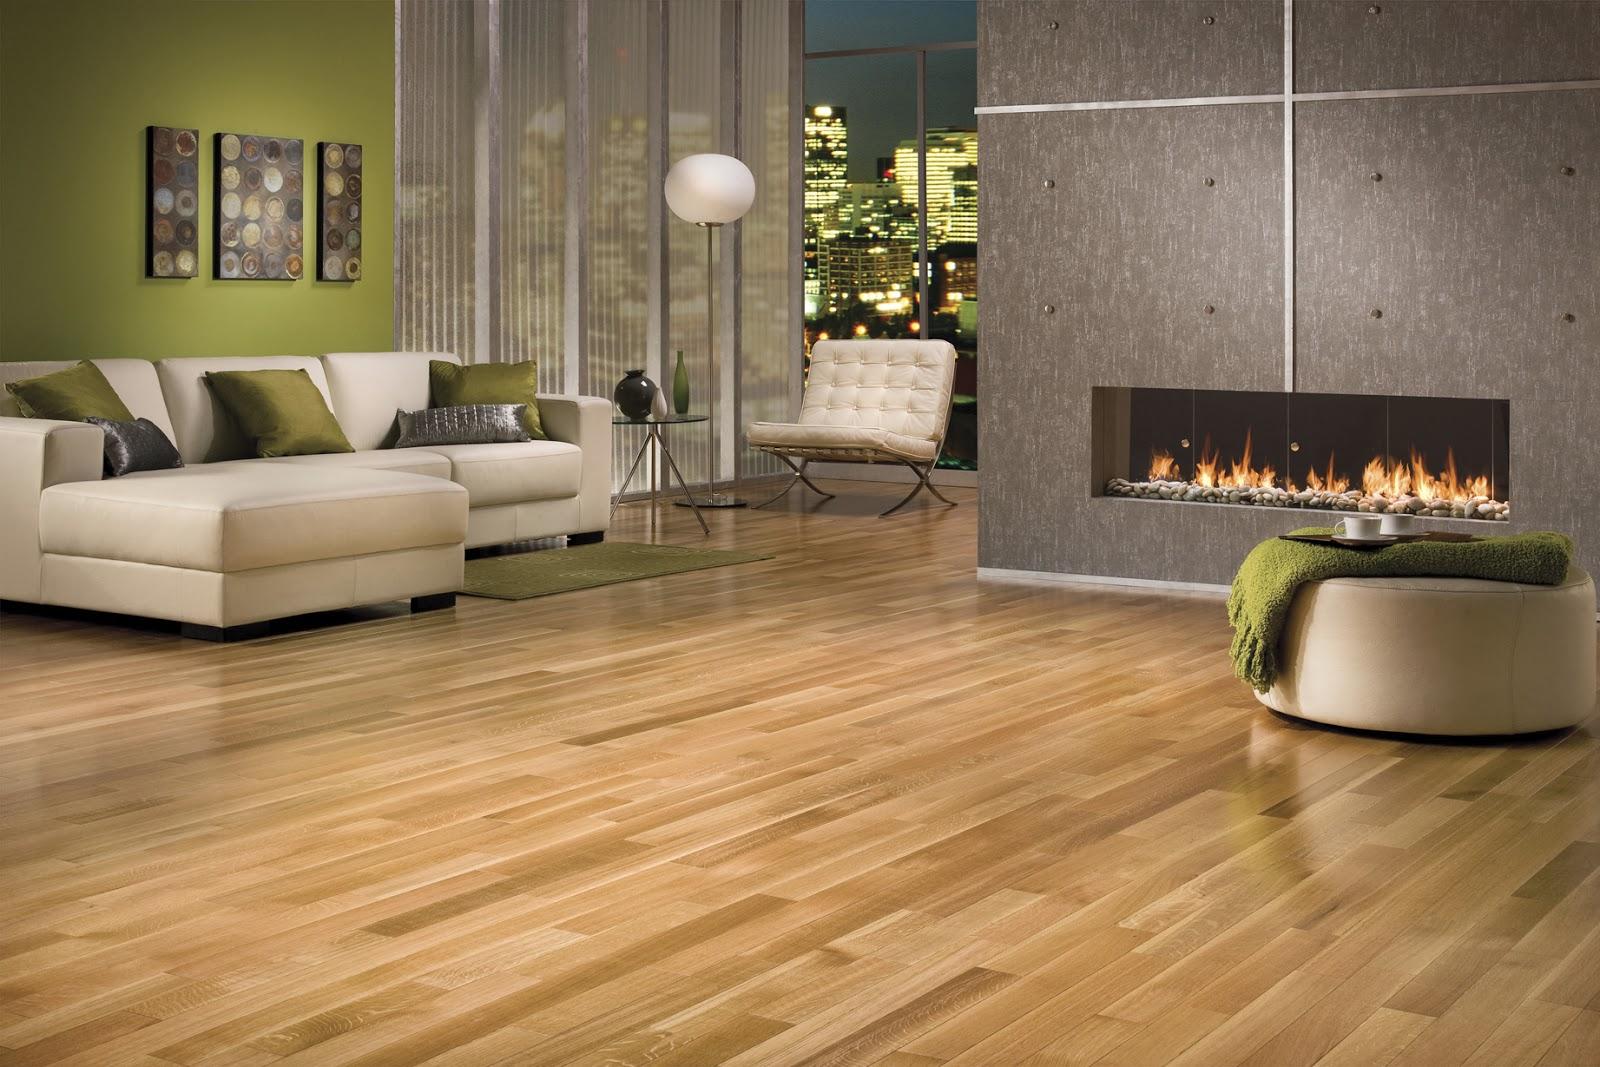 d coration chambre haut plafond id es d co pour maison moderne. Black Bedroom Furniture Sets. Home Design Ideas